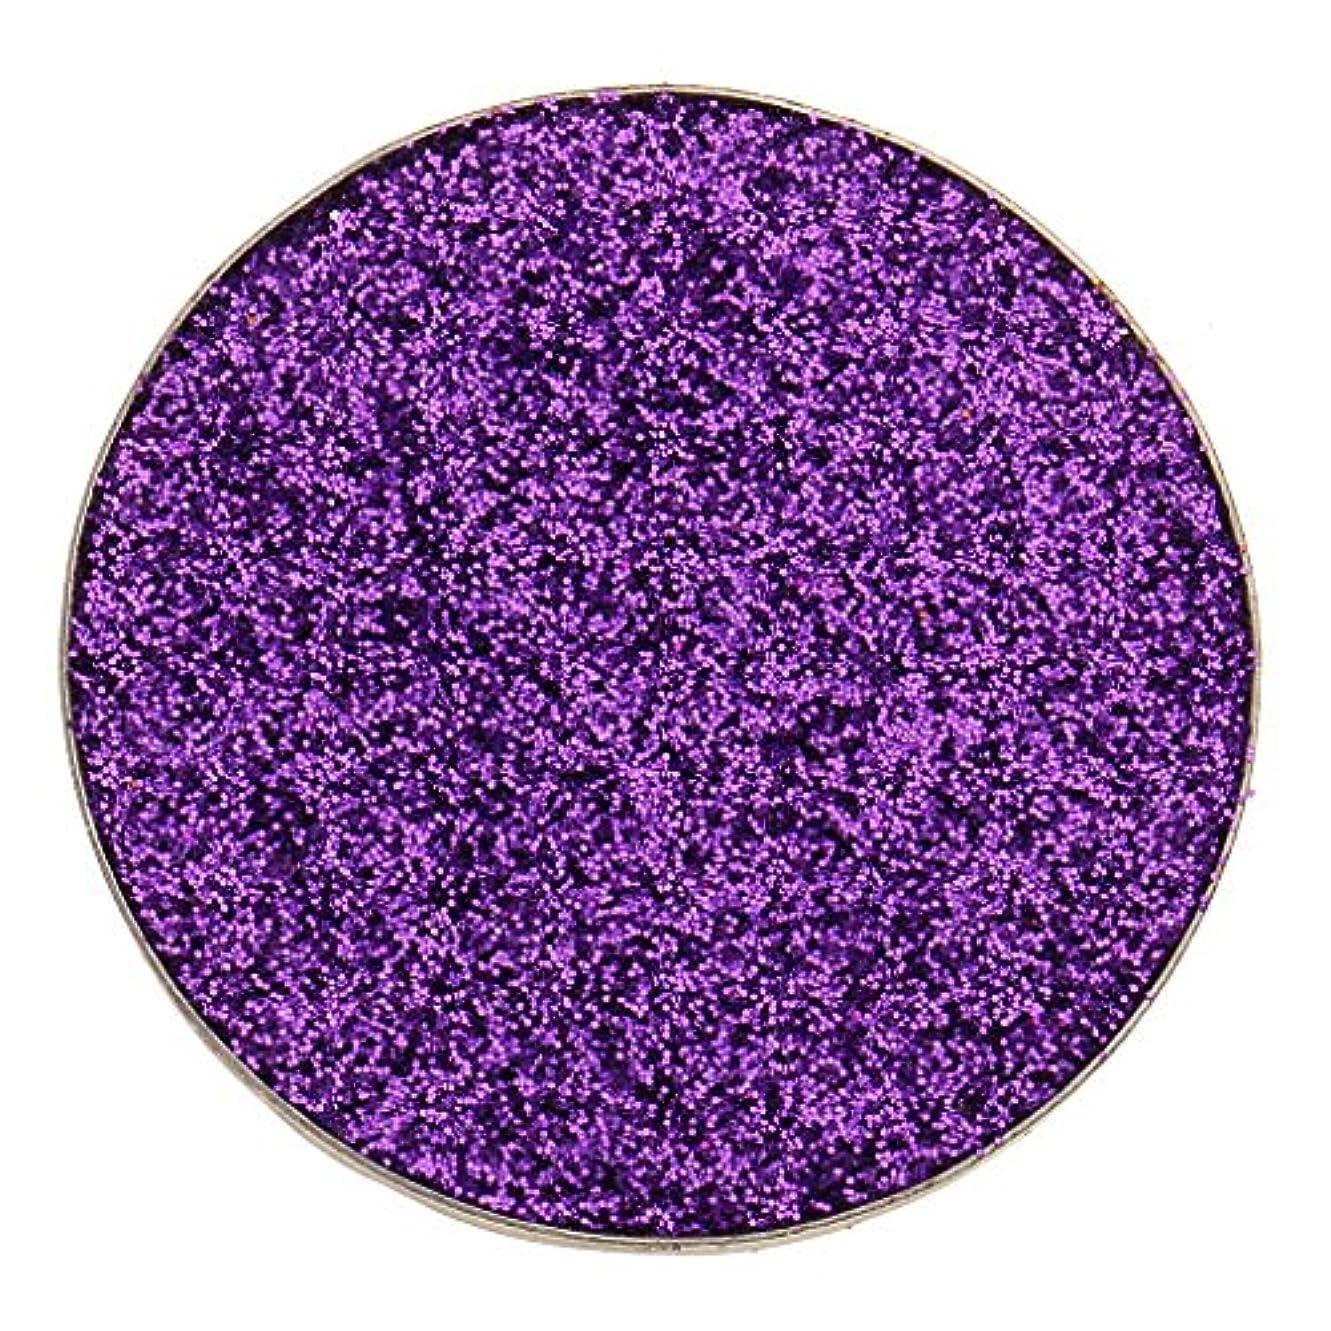 哲学類推レンド全5色 ダイヤモンド キラキラ シマー メイクアップ アイシャドウ 顔料 長持ち 滑らか - 紫